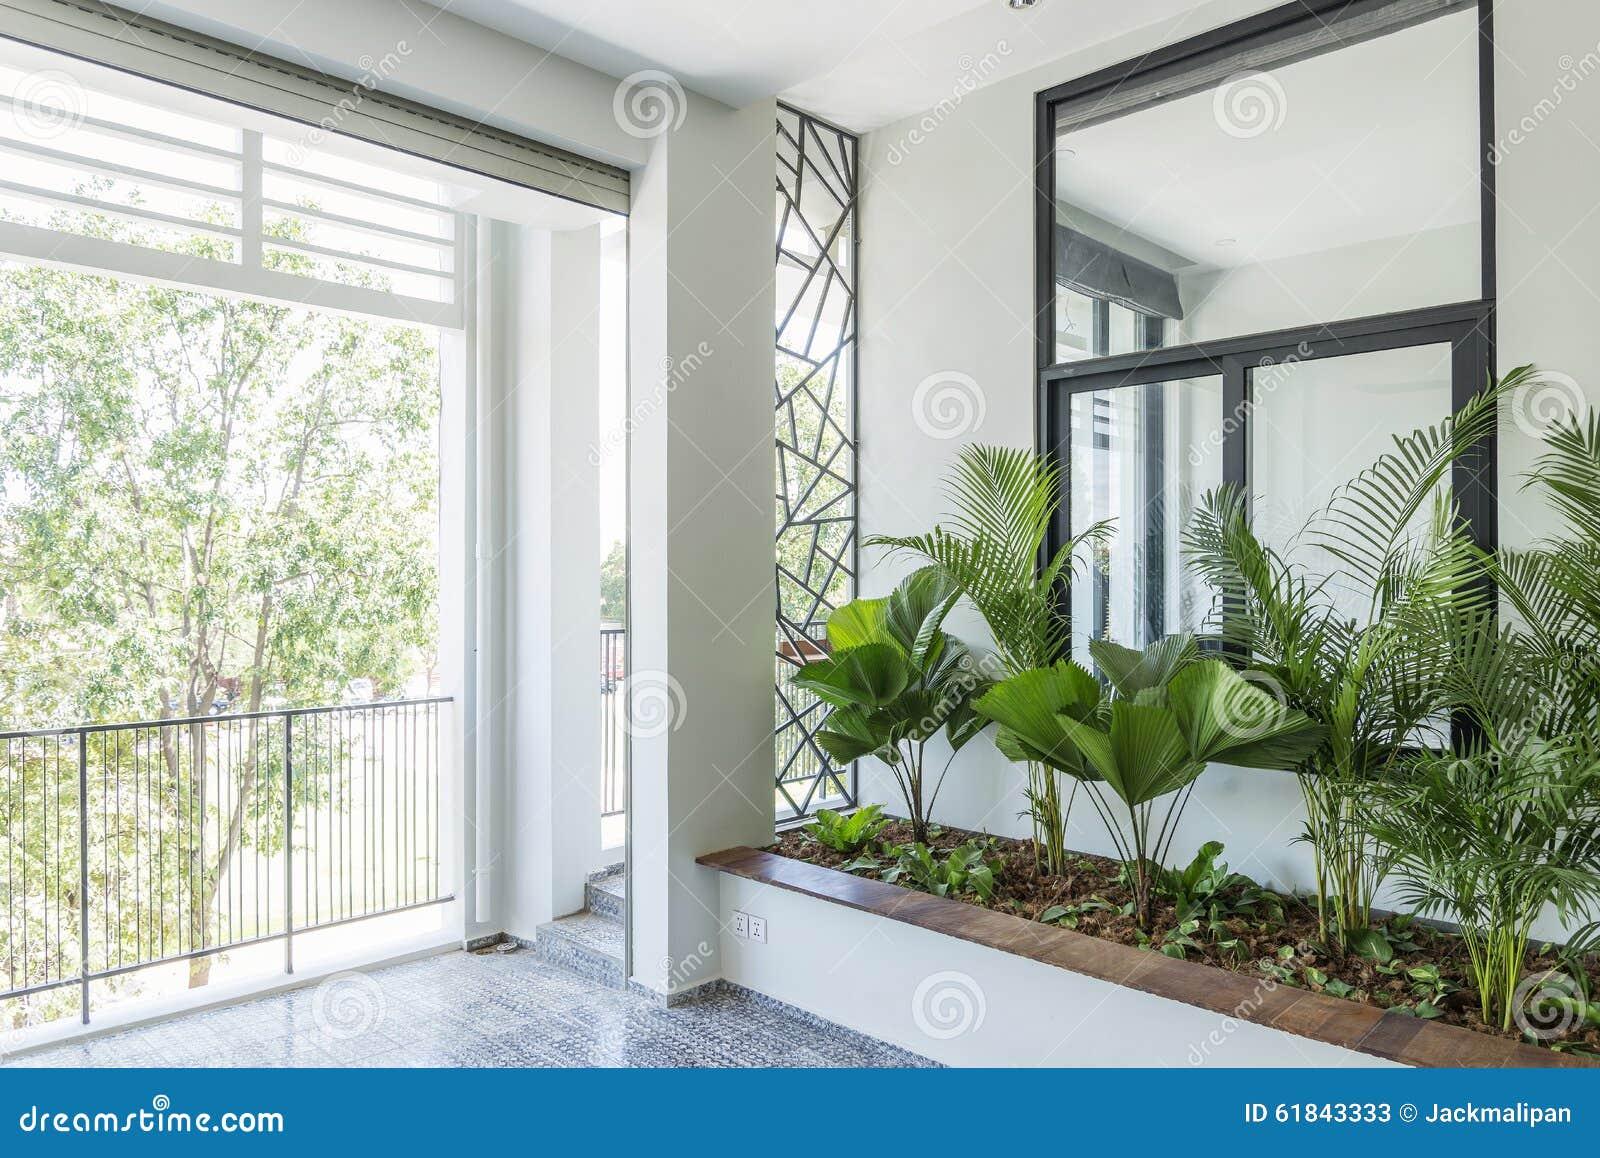 Jardin Contemporain Moderne De Balcon De Conception Intérieure Image ...